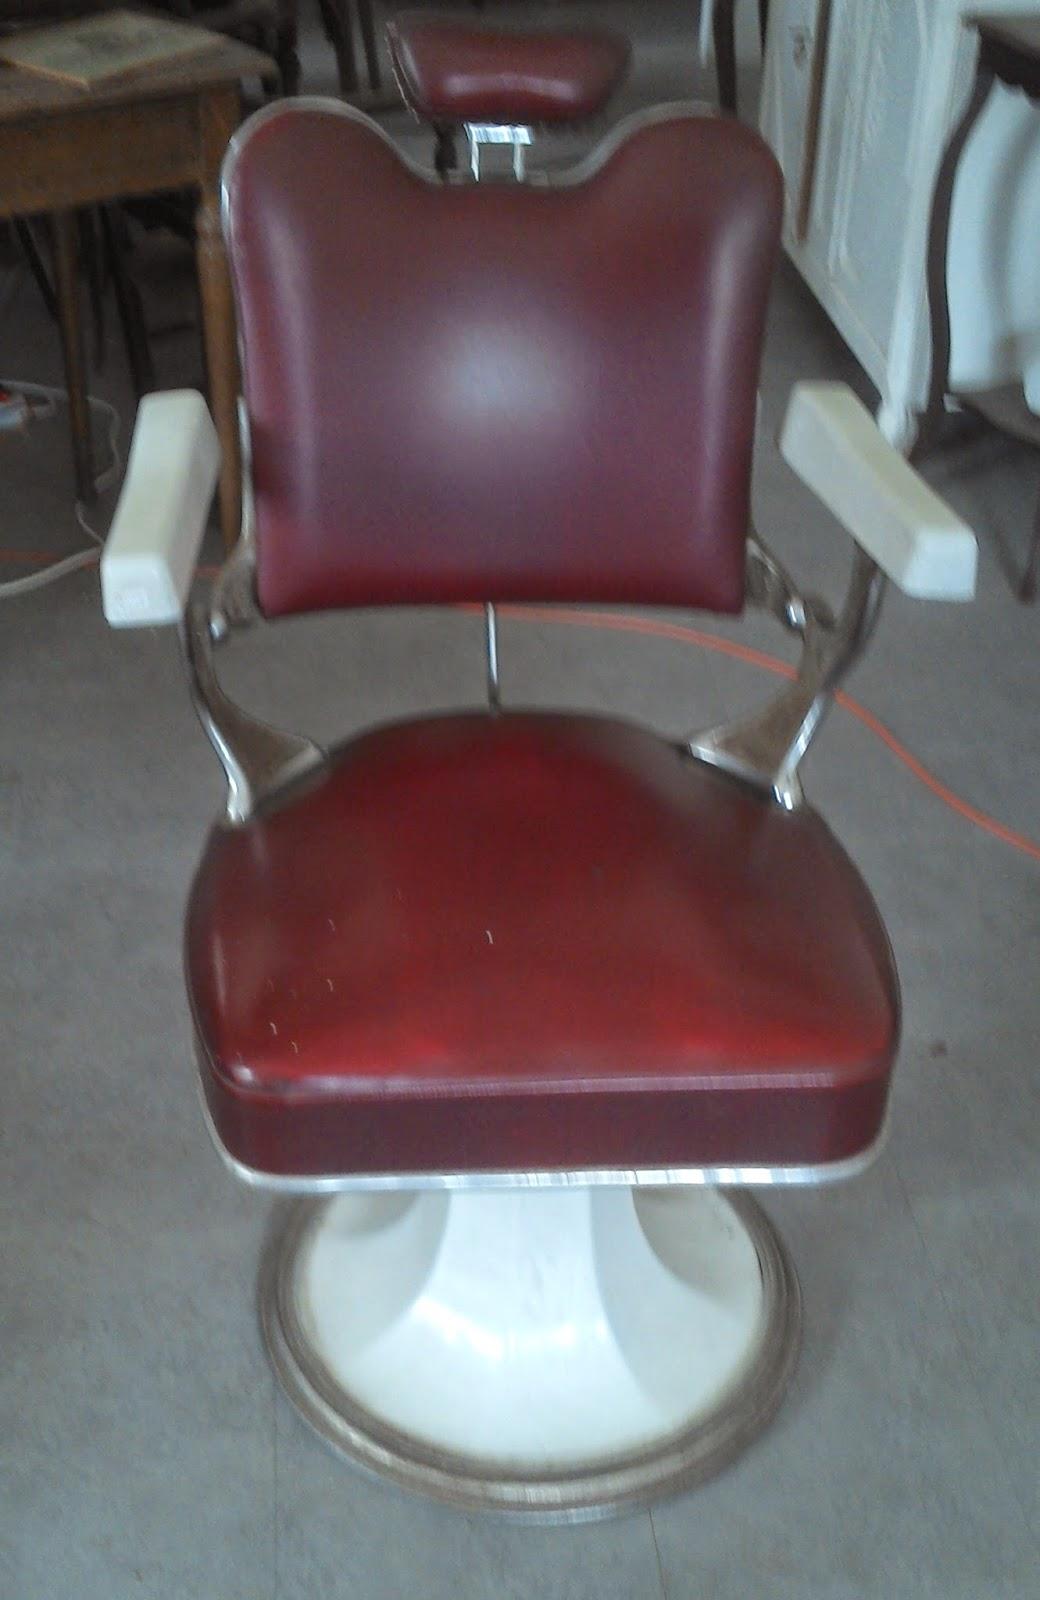 ancien fauteuil barbier coiffeur design atelier loft industriel cuir rouge email ebay. Black Bedroom Furniture Sets. Home Design Ideas